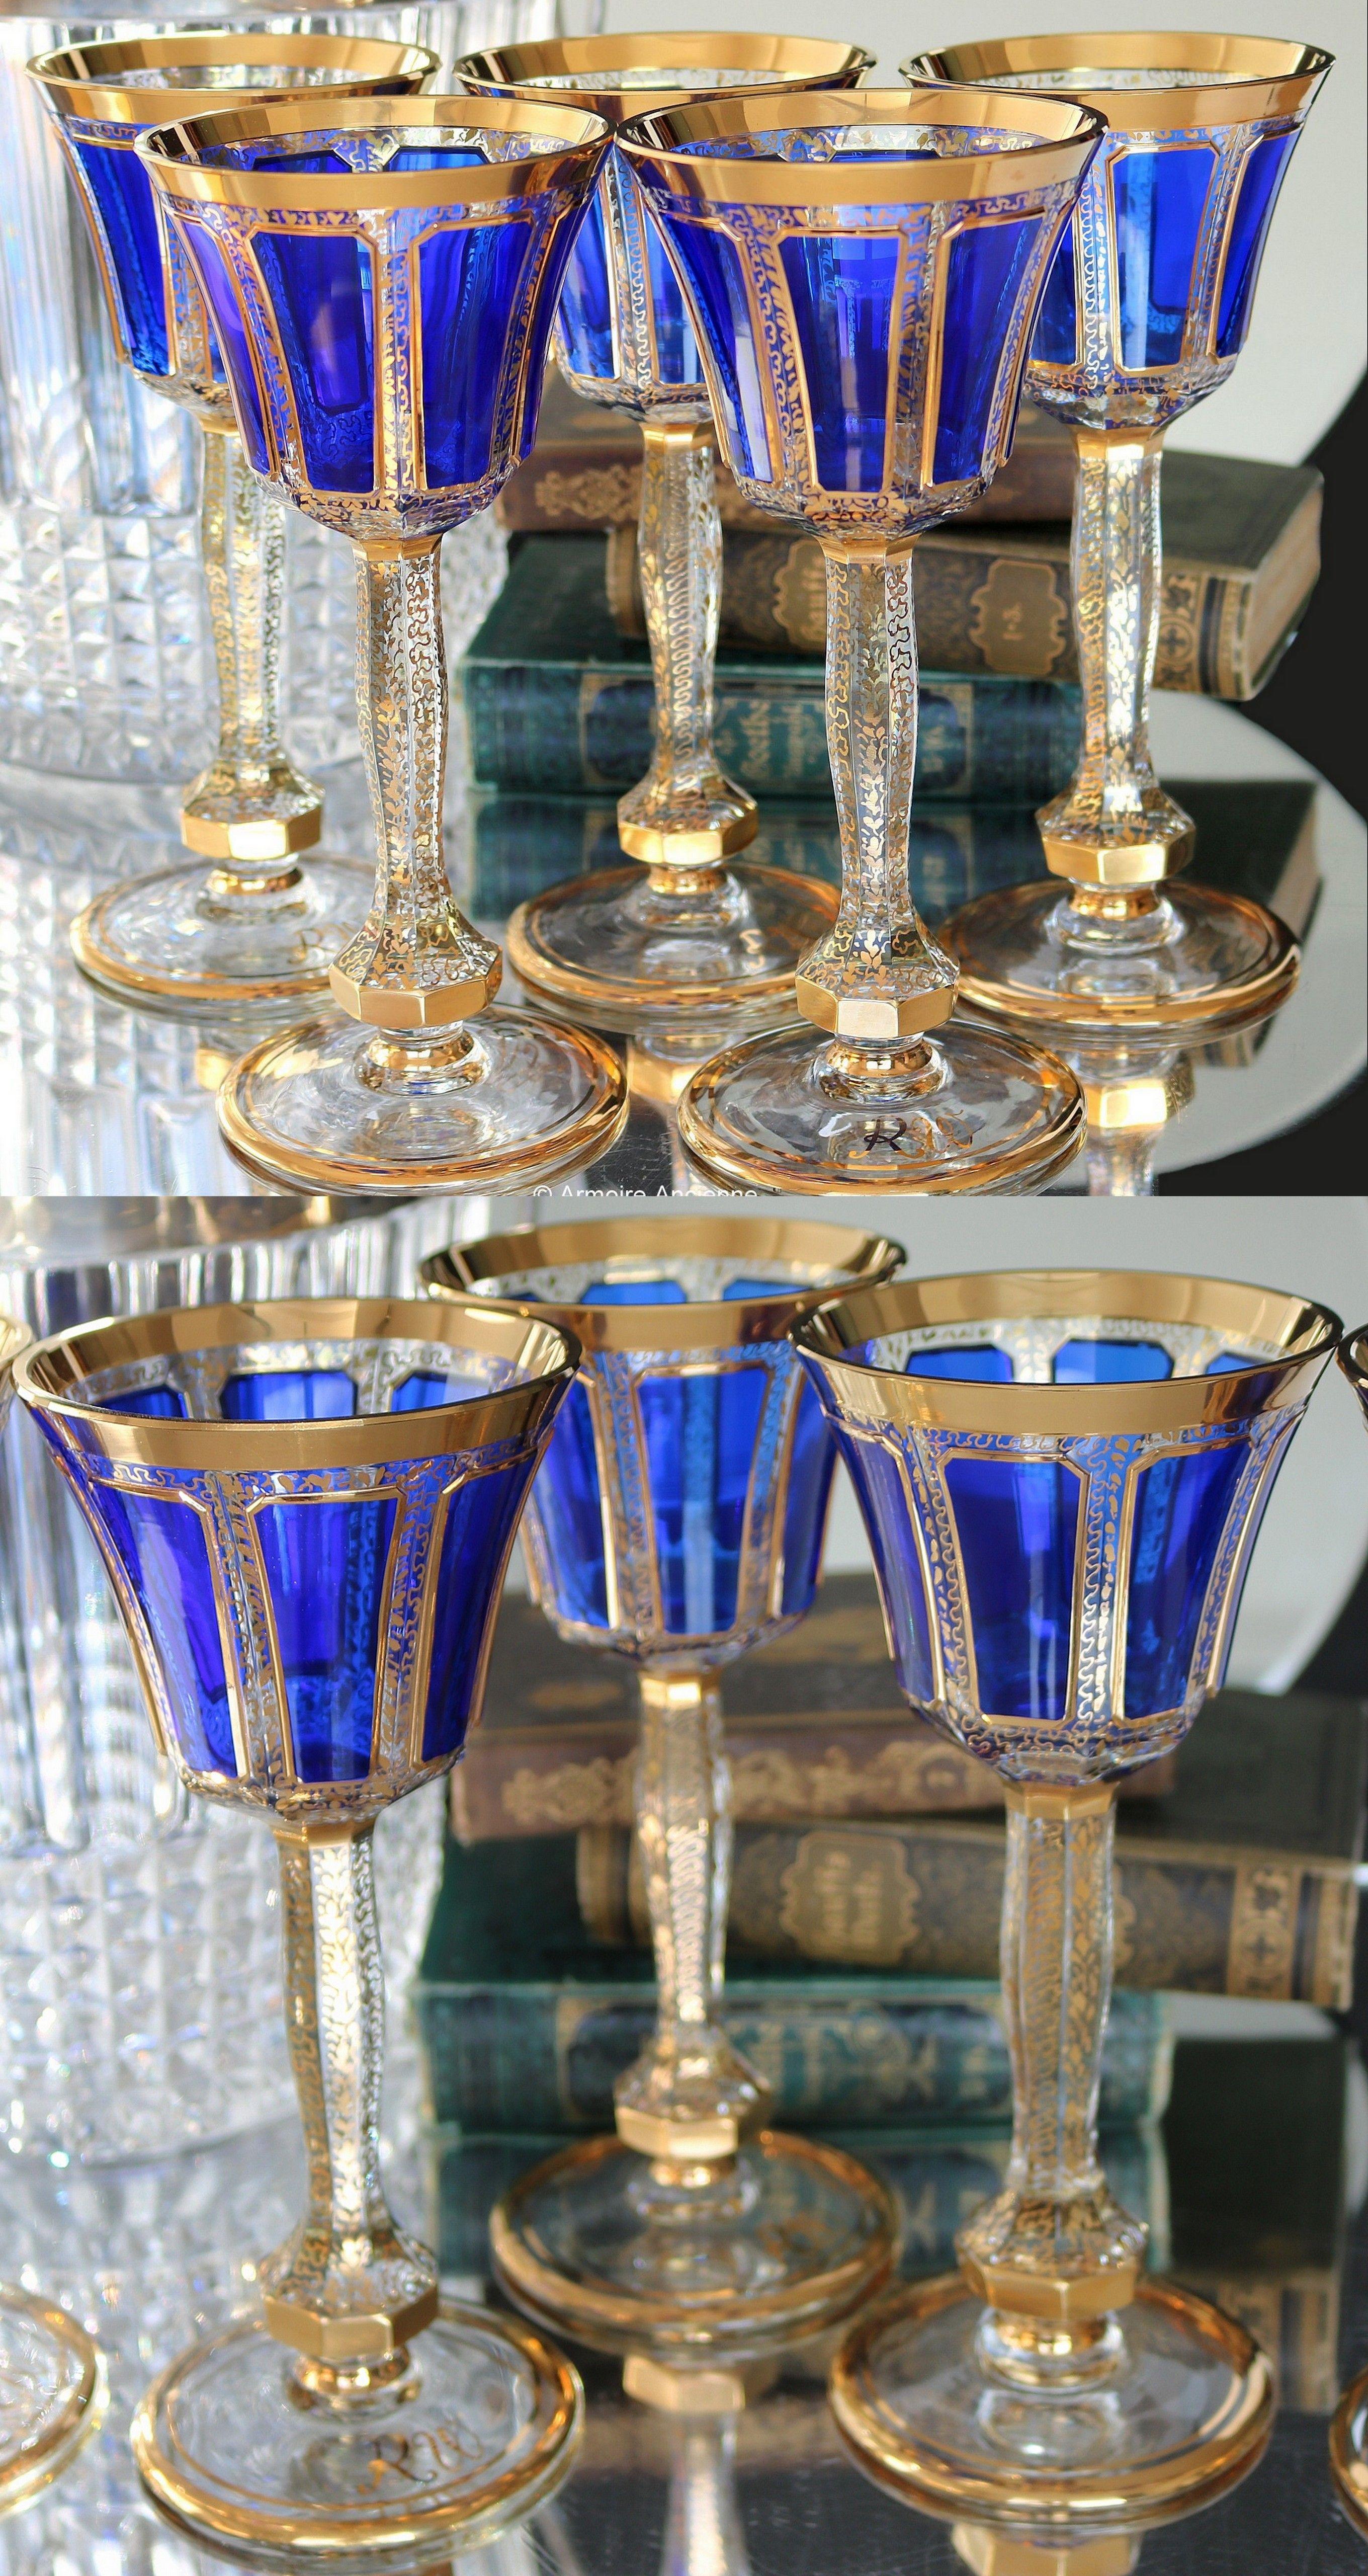 5x Large Crystal Wine Glasses Cobalt Blue Overlay 24k Gold Rim And Ornaments Steiner Vogel 1930s In 2021 Crystal Wine Glasses Antique Wine Glass Crystal Glassware